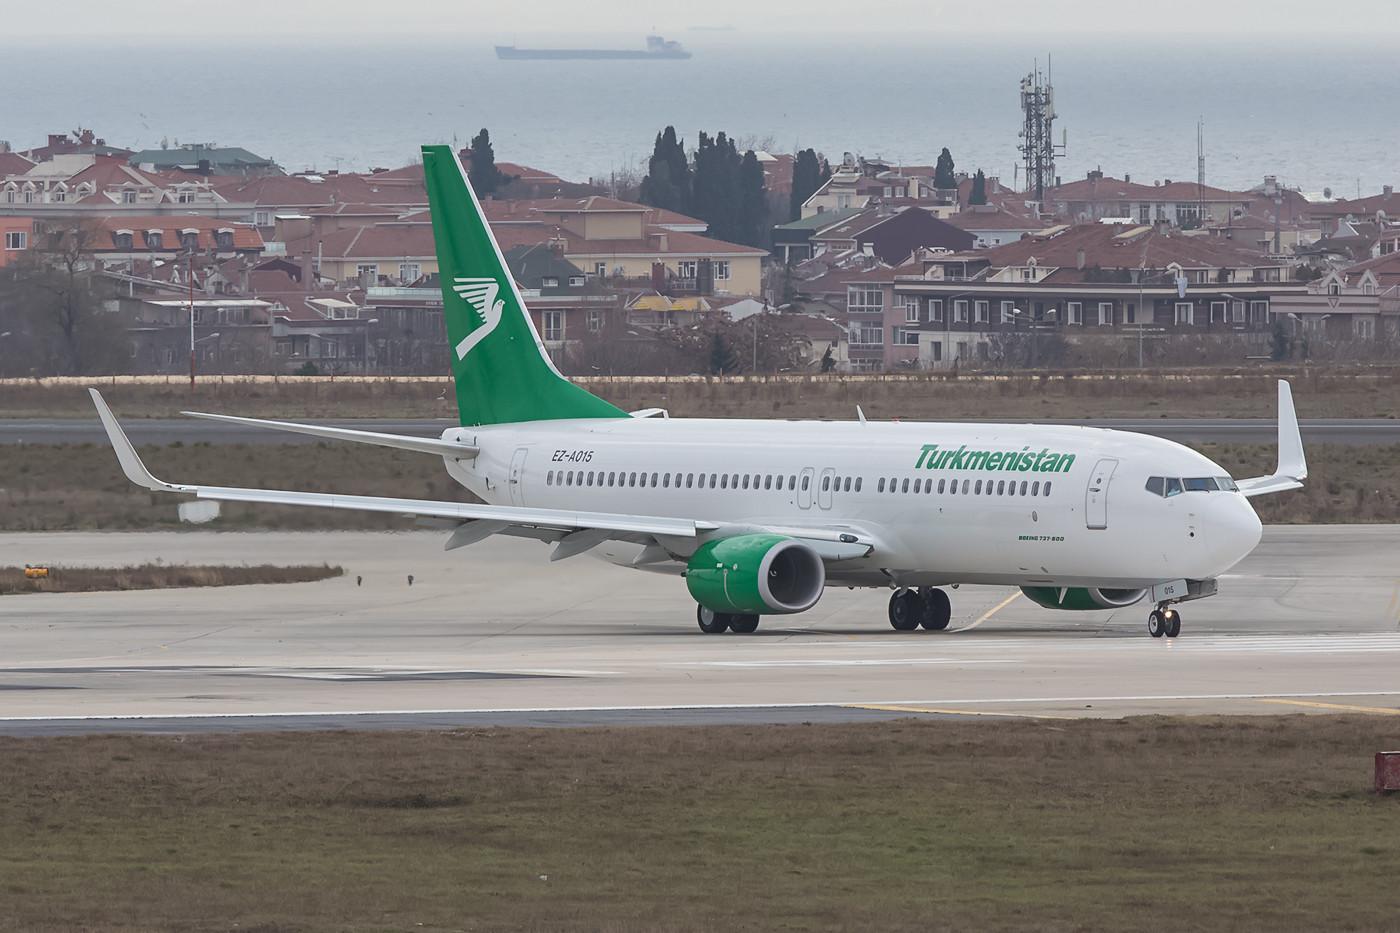 Boeing 737-800 der Turkmenistan Air, der Frachter kommt leider im Dunkeln.